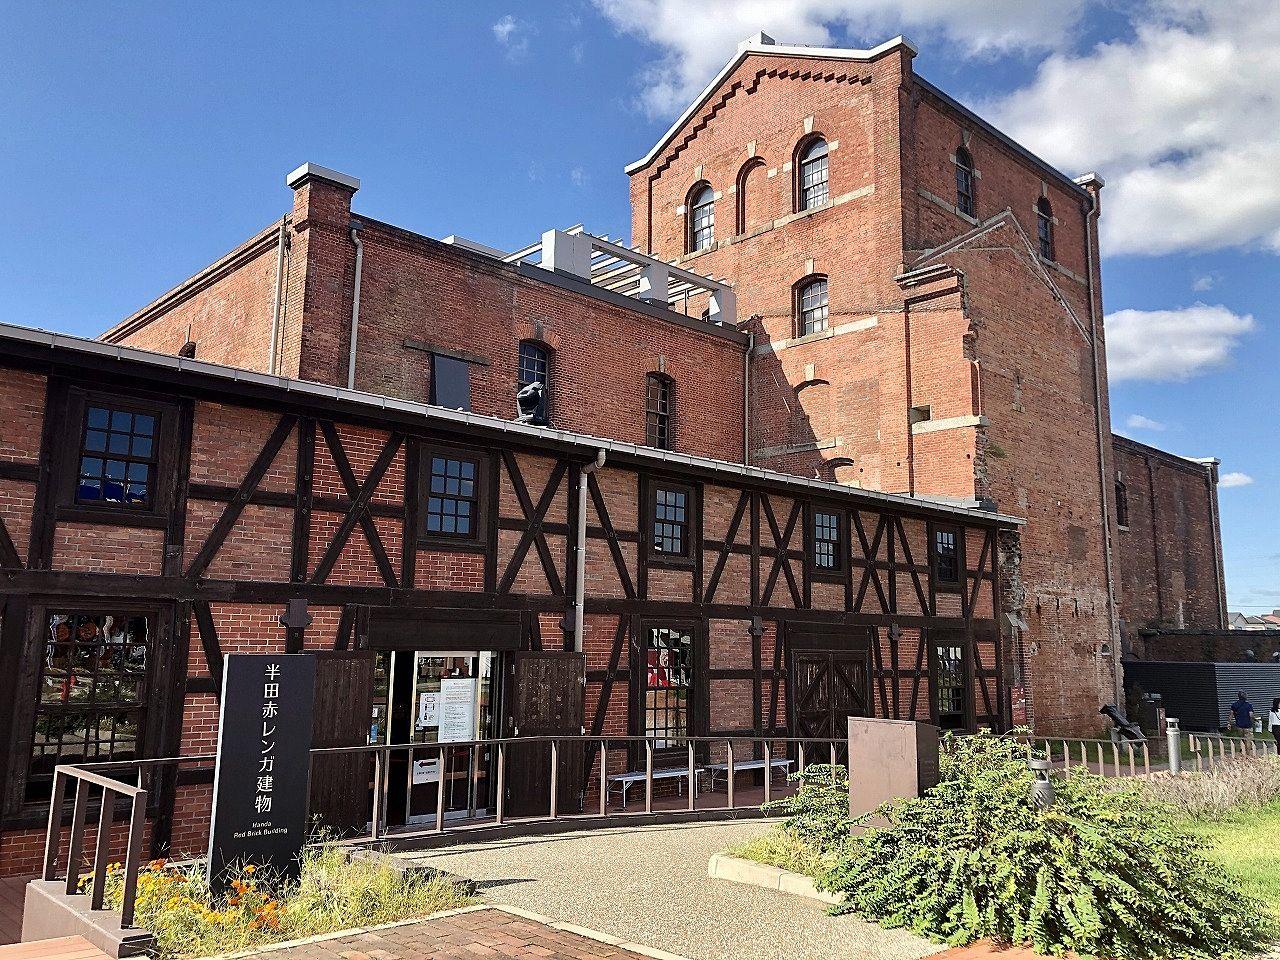 半田赤レンガ建物は、1898年(明治31年)にカブトビールの製造工場として誕生しました。